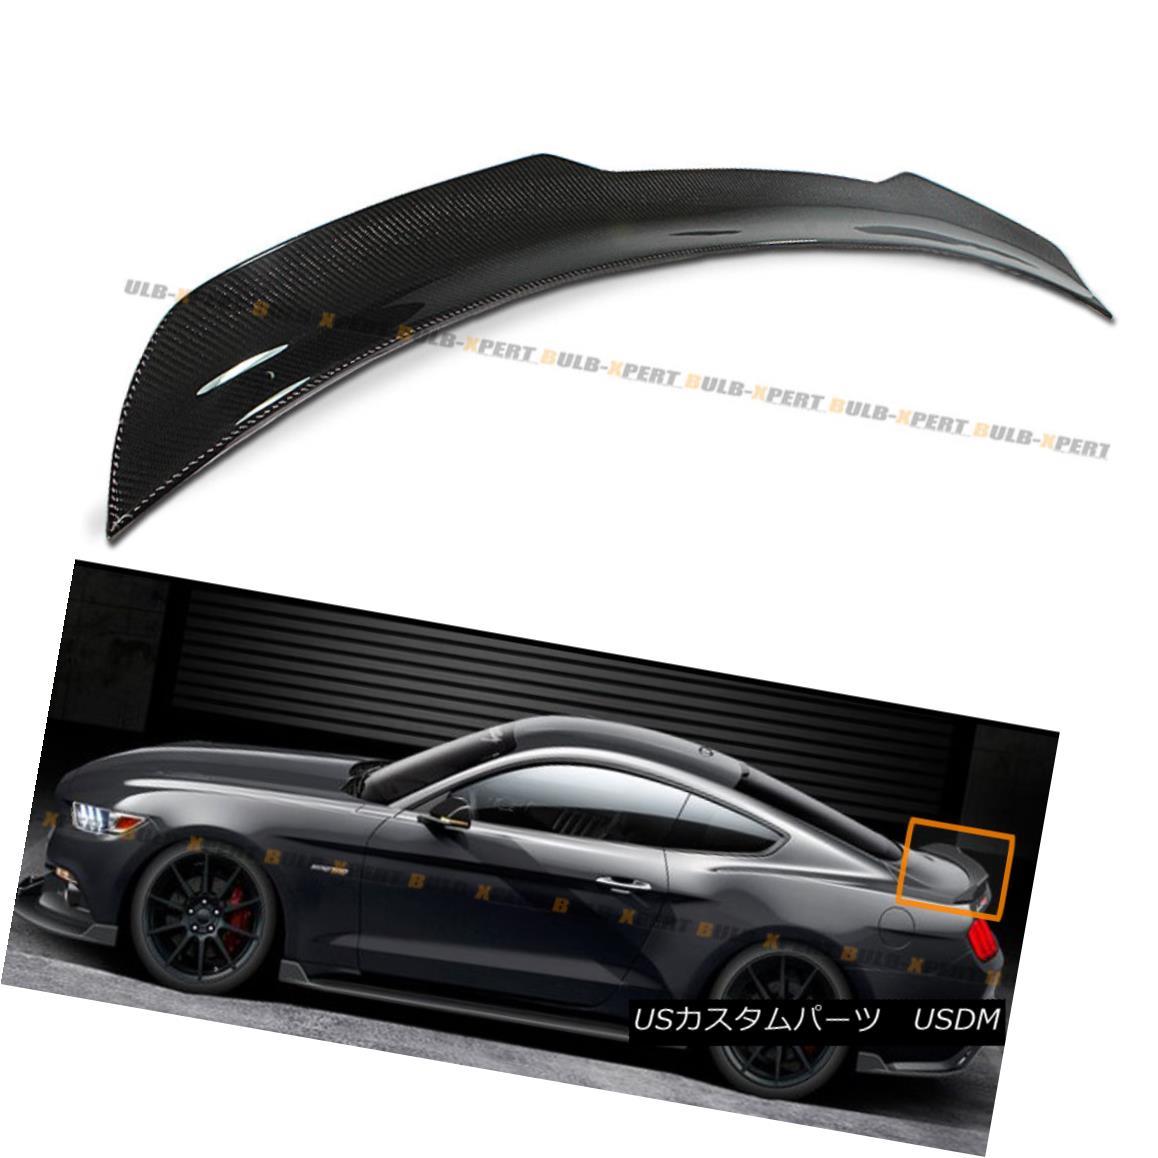 エアロパーツ For 2015-2017 Ford Mustang GT H Style Carbon Fiber Rear Trunk Spoiler Wing Lid 2015-2017フォードマスタングGT Hスタイルカーボンファイバーリアトランクスポイラーウイングリッド